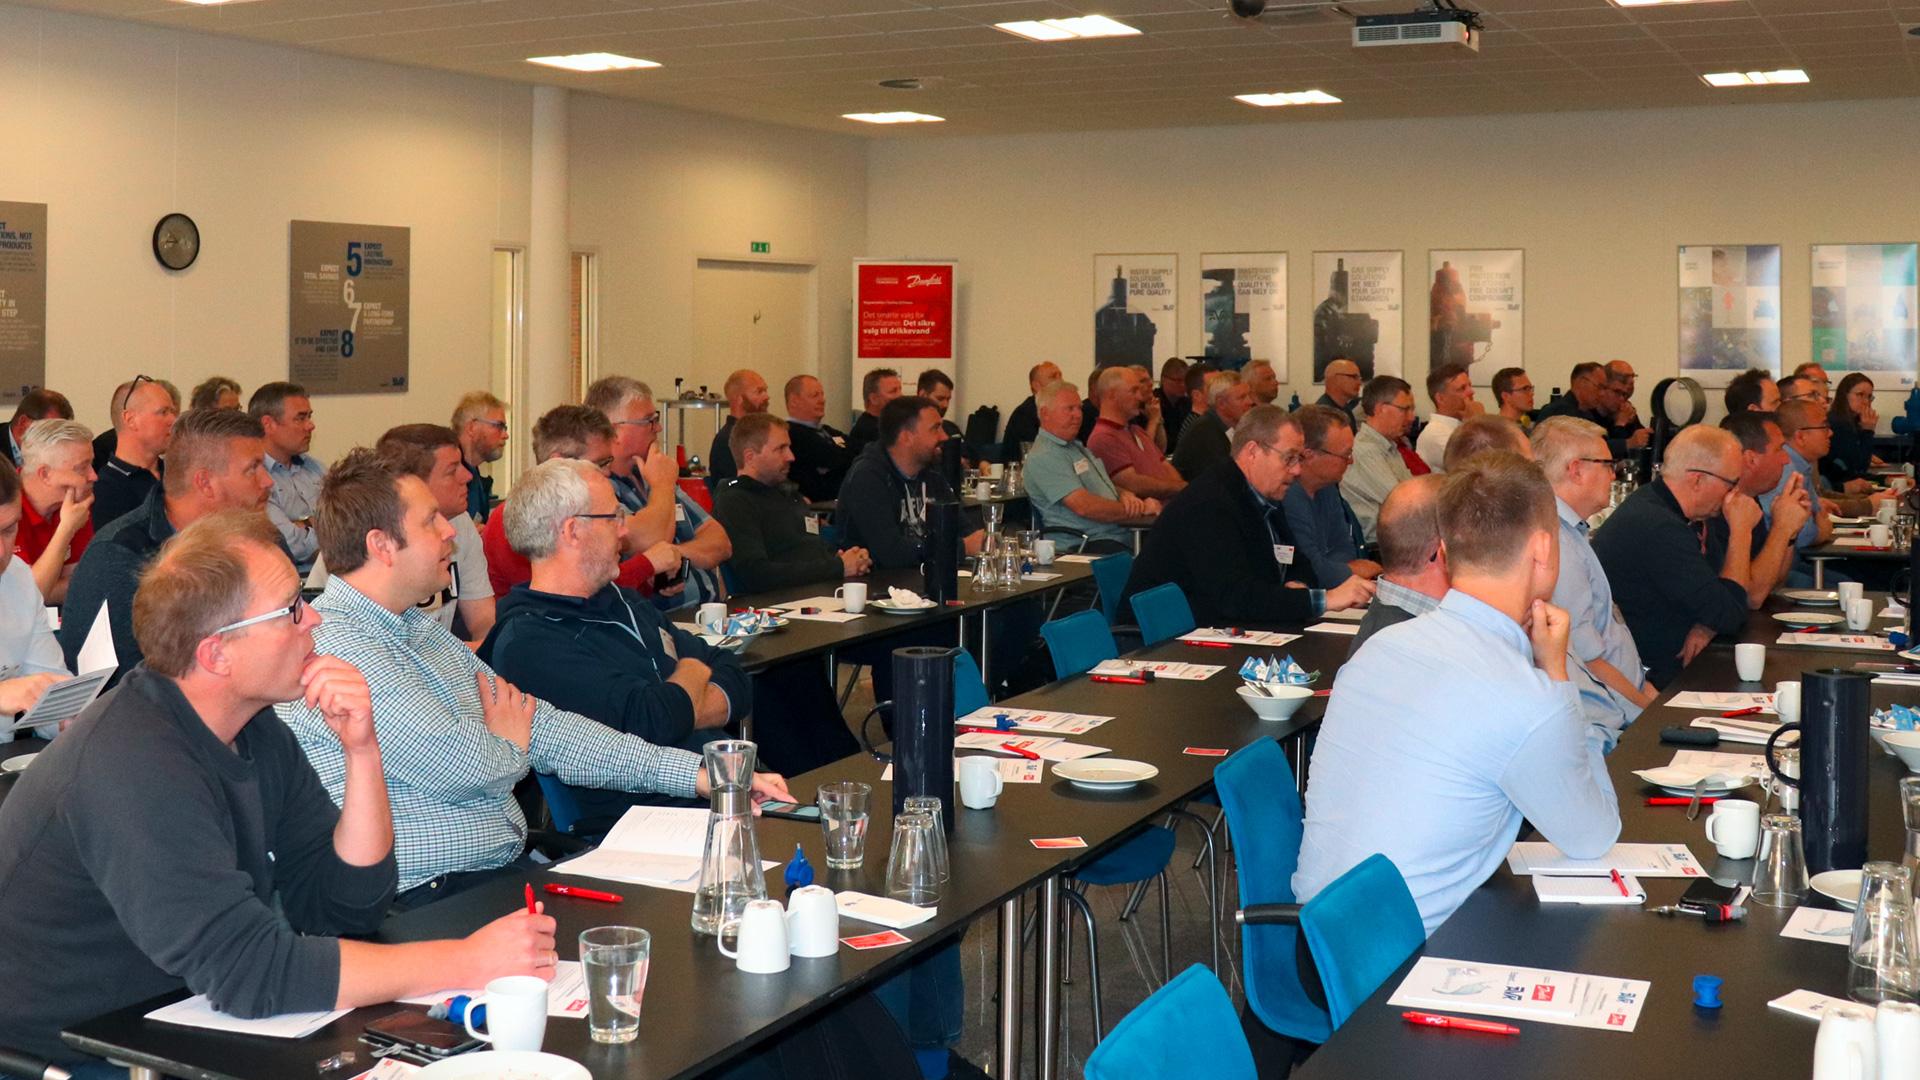 Vand- og spildevandsbranchen samlet til seminar hos AVK